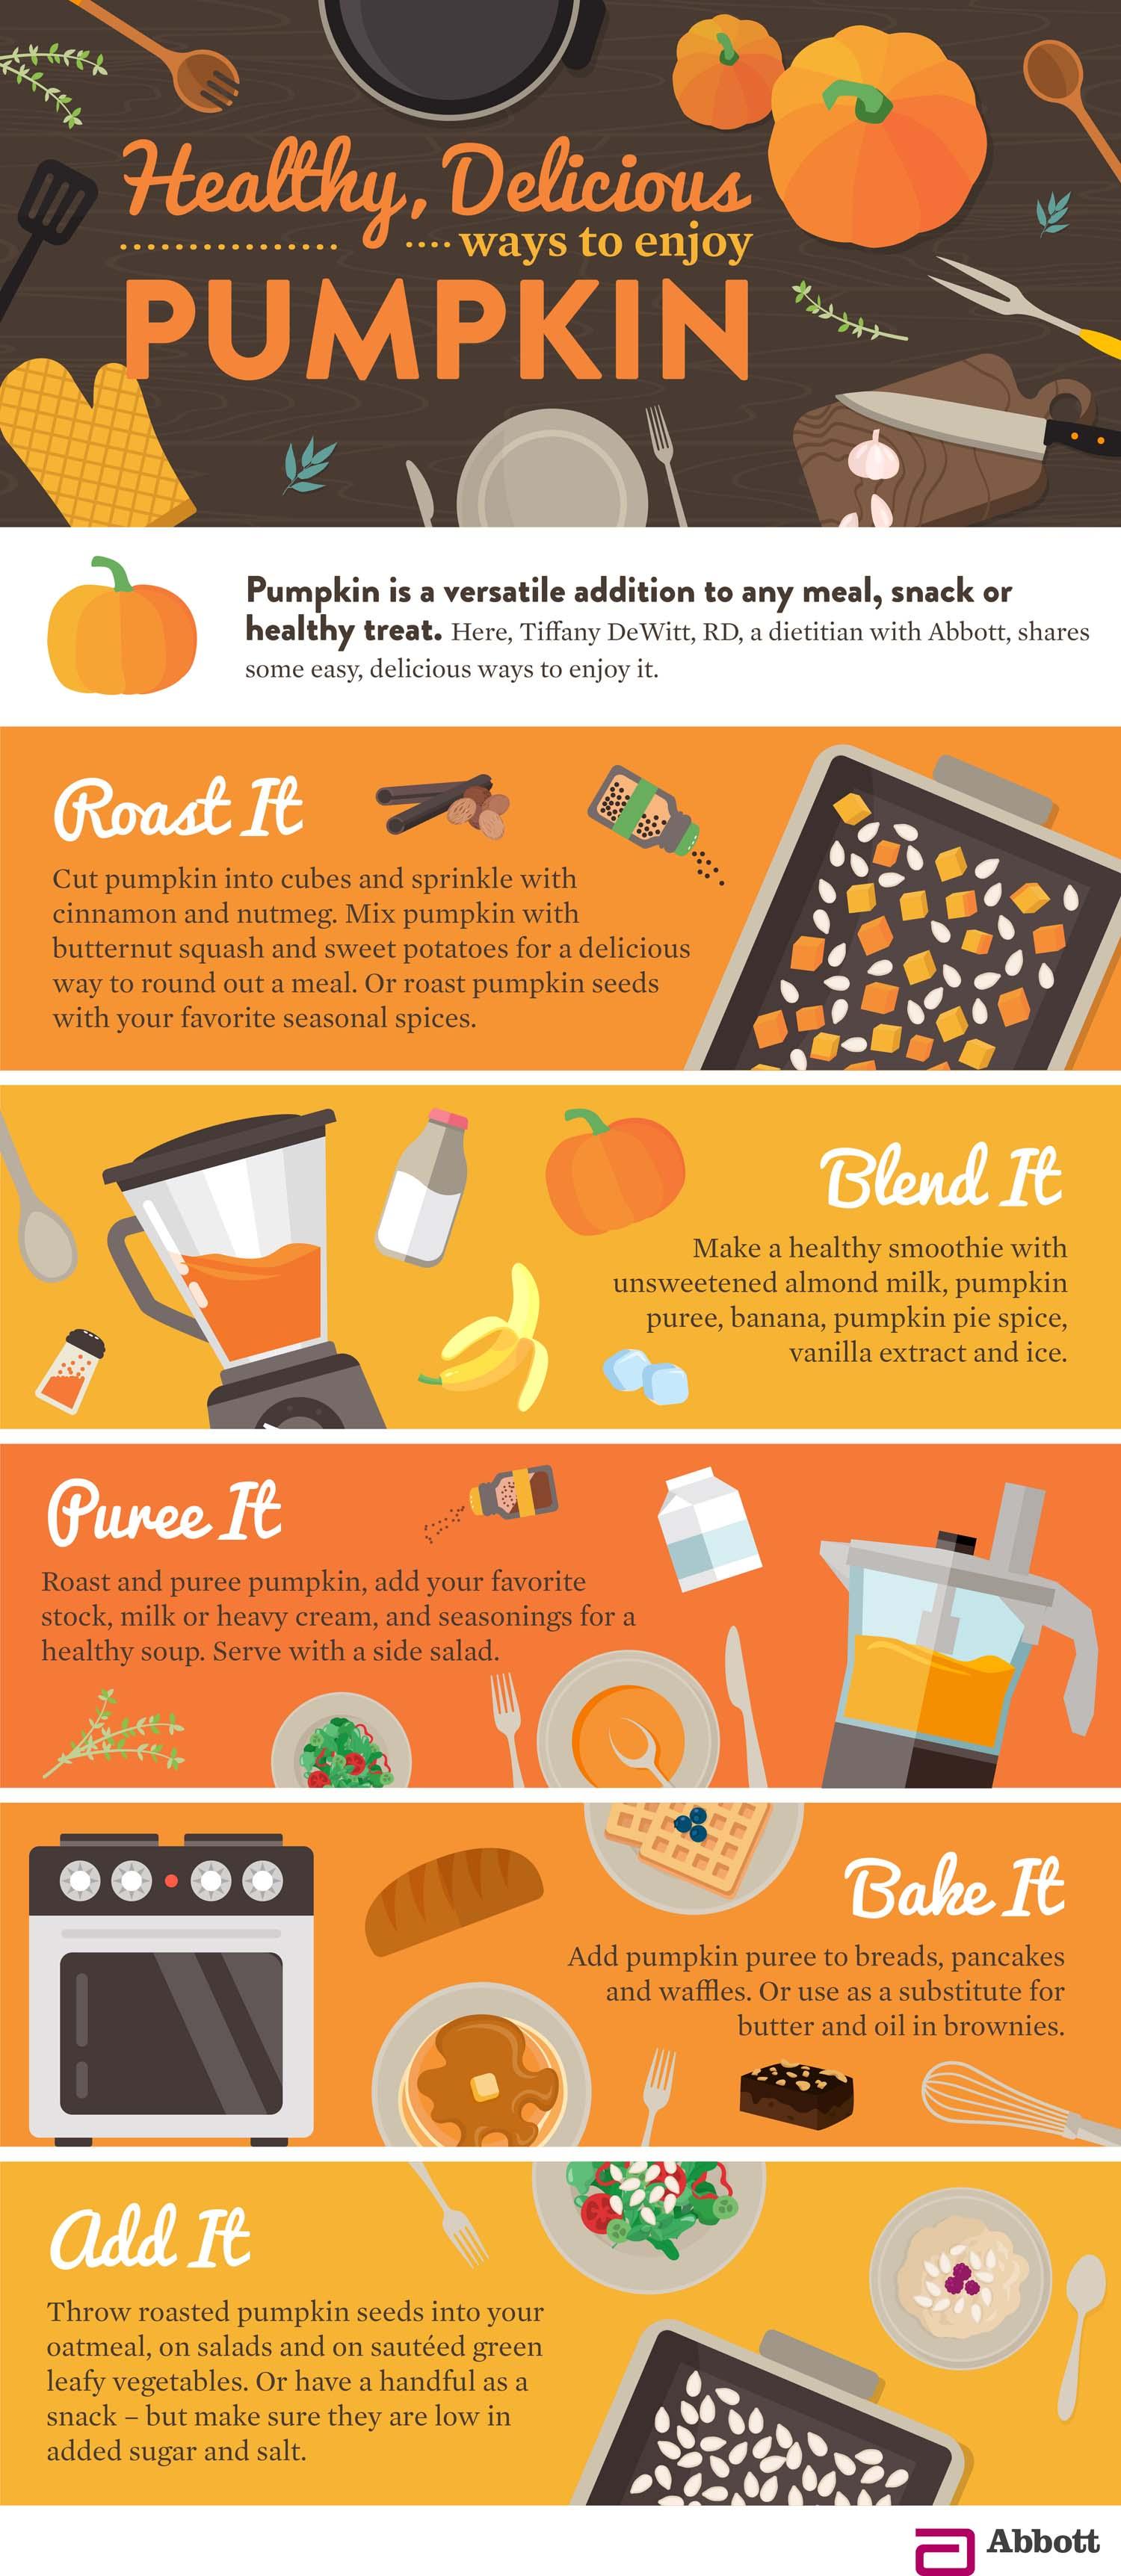 6 Healthy Delicious Ways To Enjoy Pumpkin